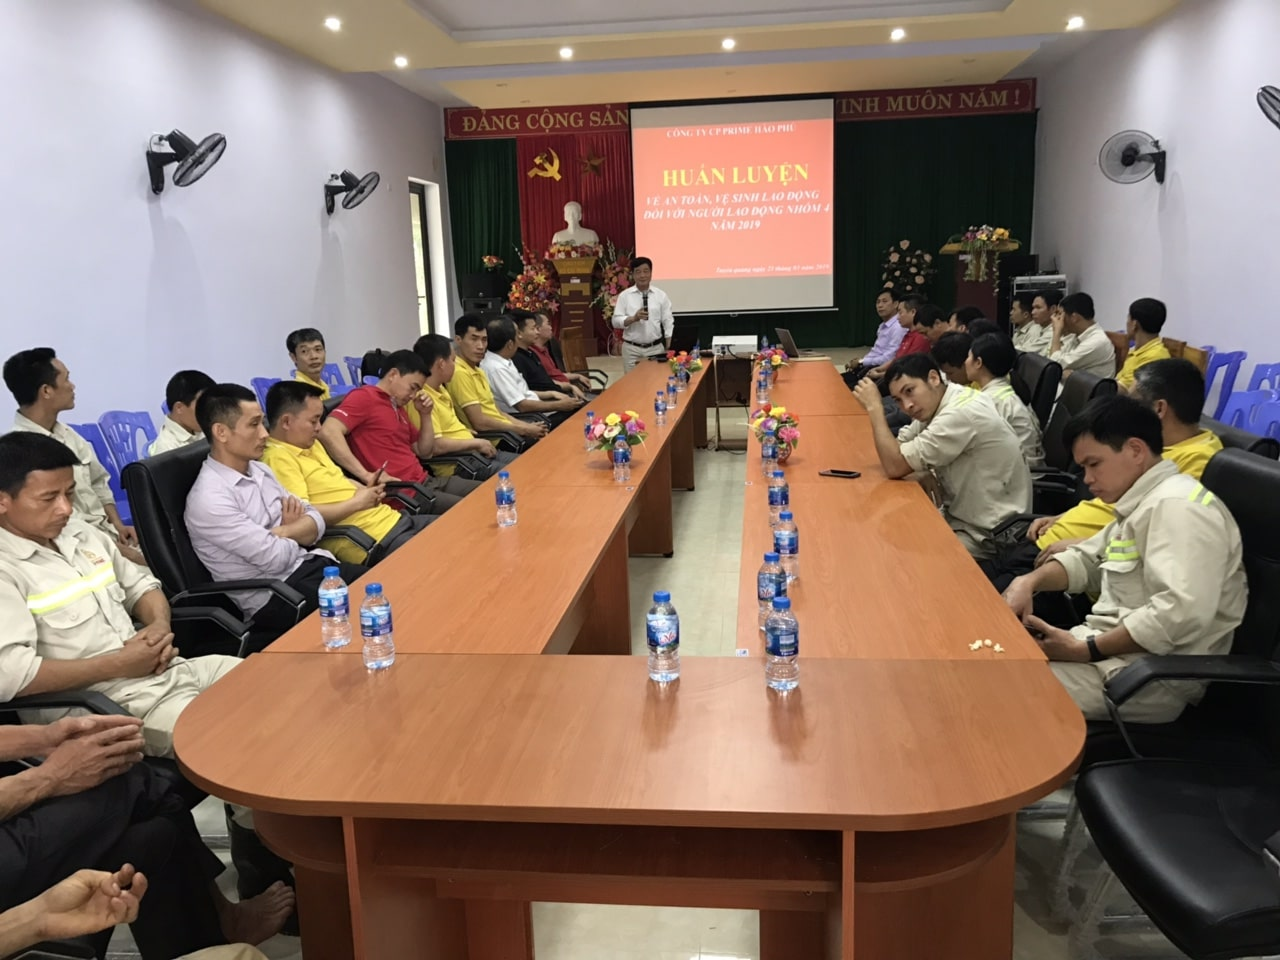 Huấn luyện an toàn lao động, vệ sinh lao động tại Công ty CP Prime Hào Phú